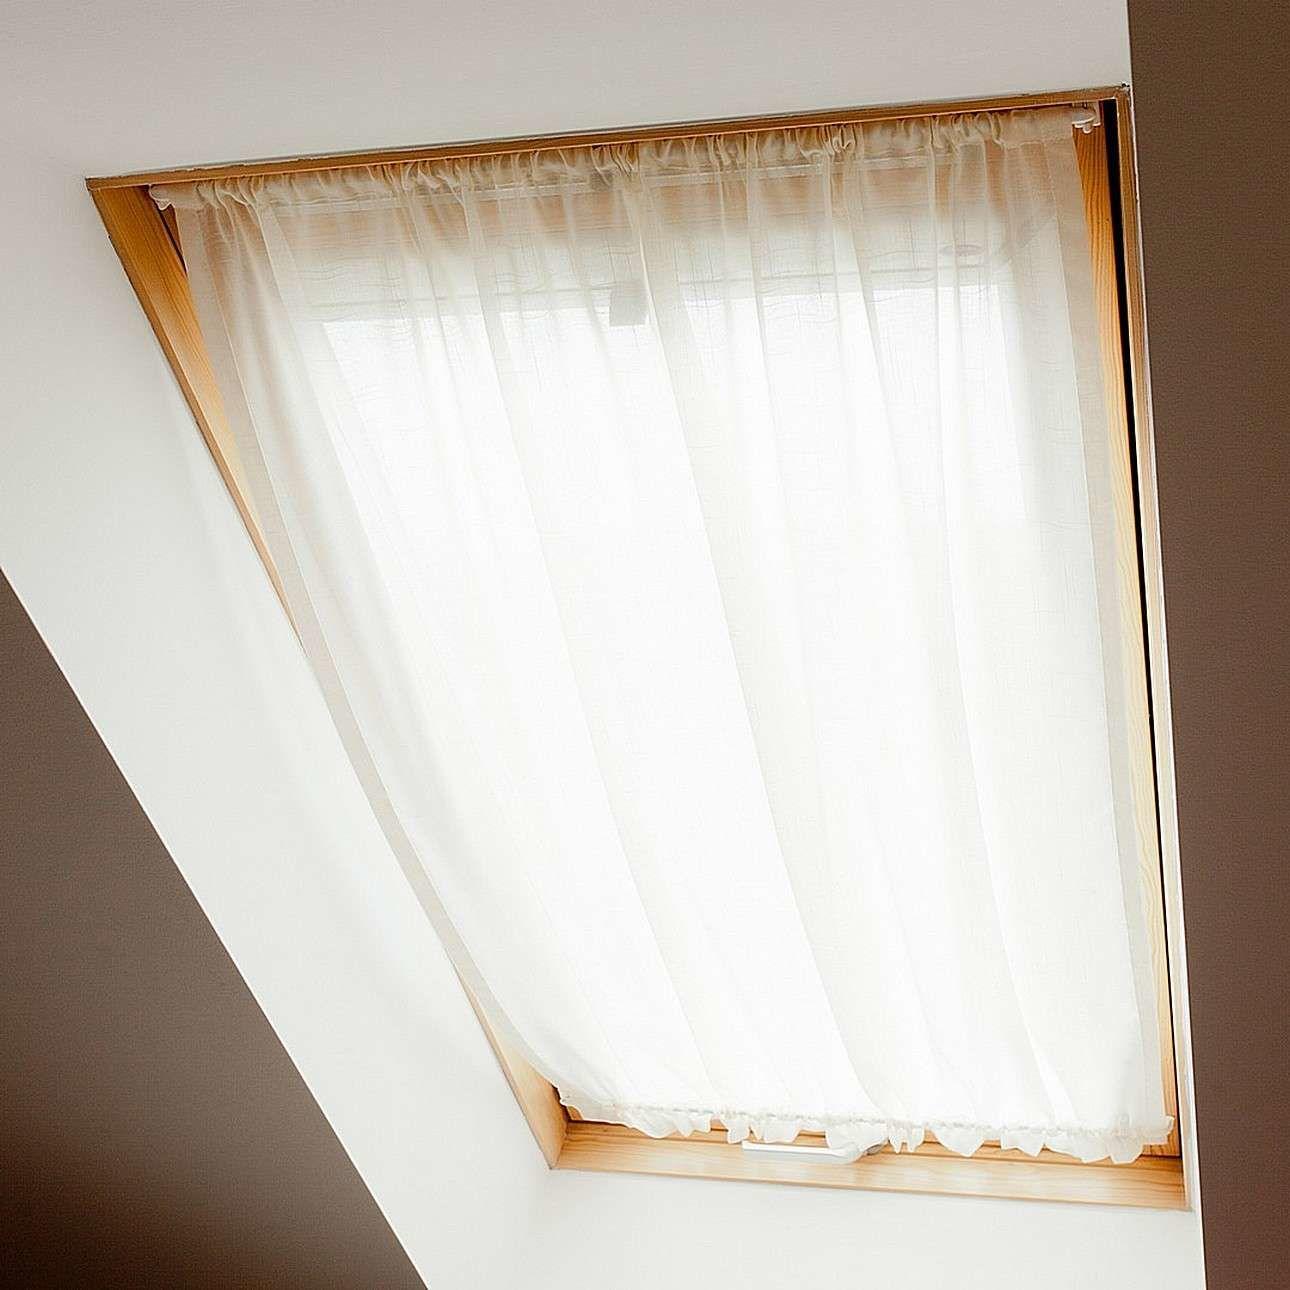 Zasłonka na okno dachowe, prześwitująca, biała, 110  126+3 cm grzywka, Romantica